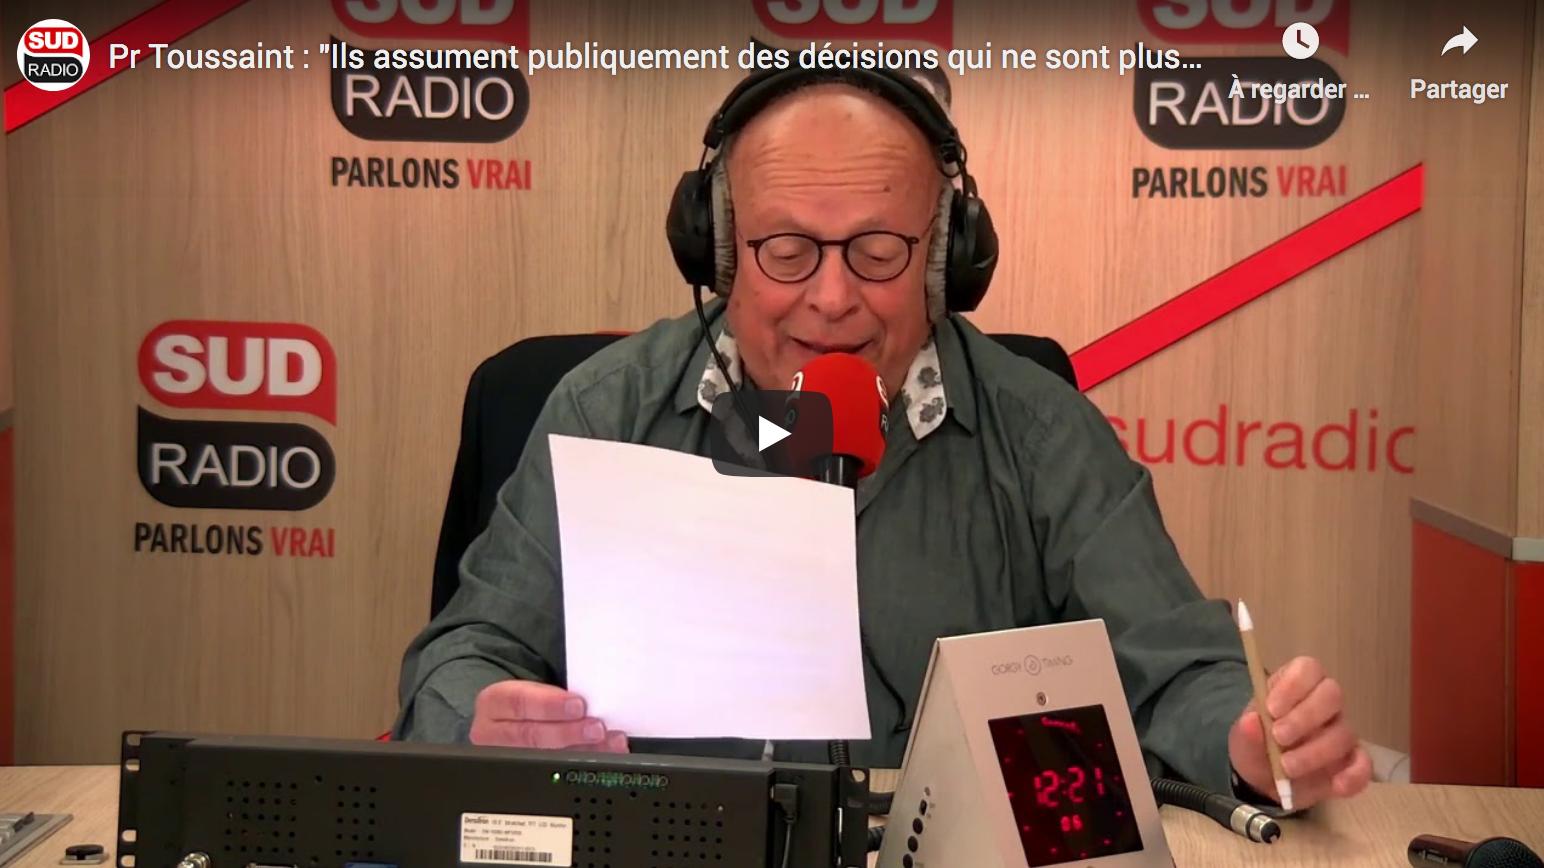 Pr Toussaint : «Ils assument publiquement des décisions qui ne sont plus fondées sur la réalité» (AUDIO)